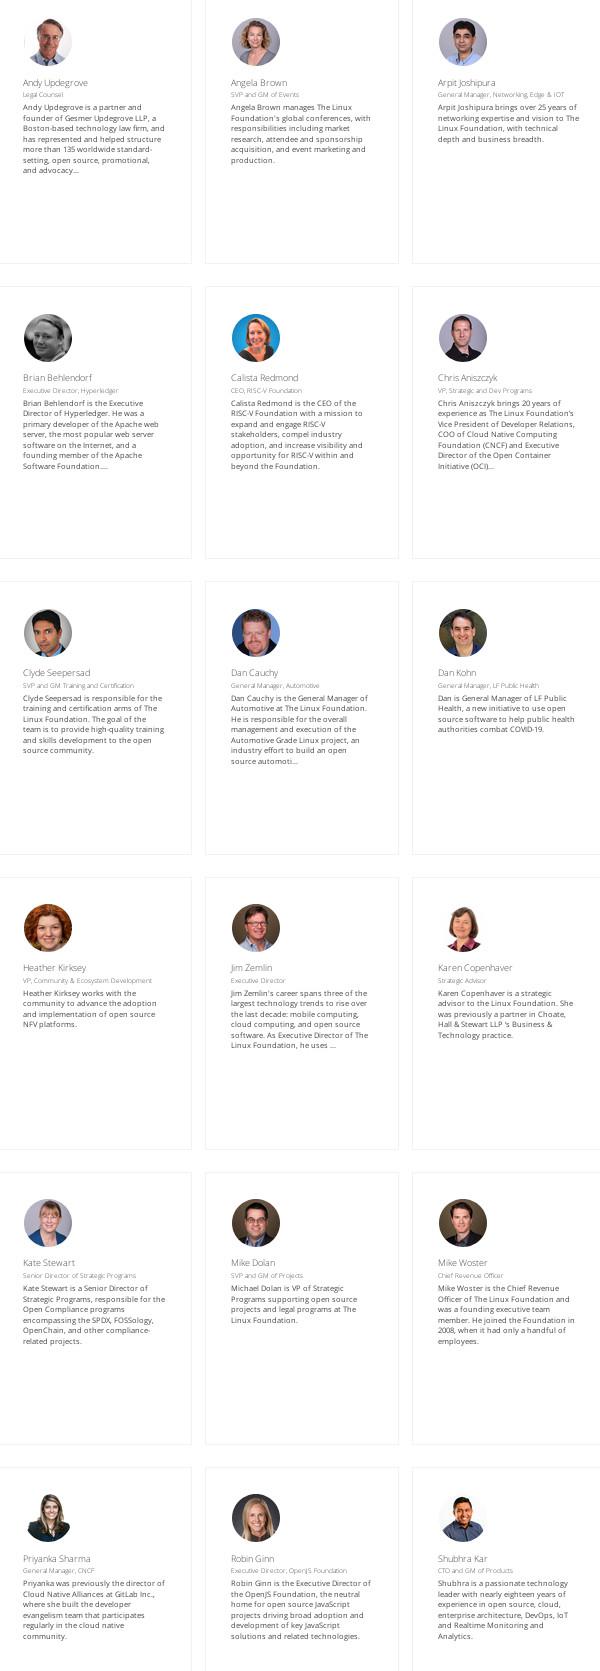 Linux Foundation leadership team